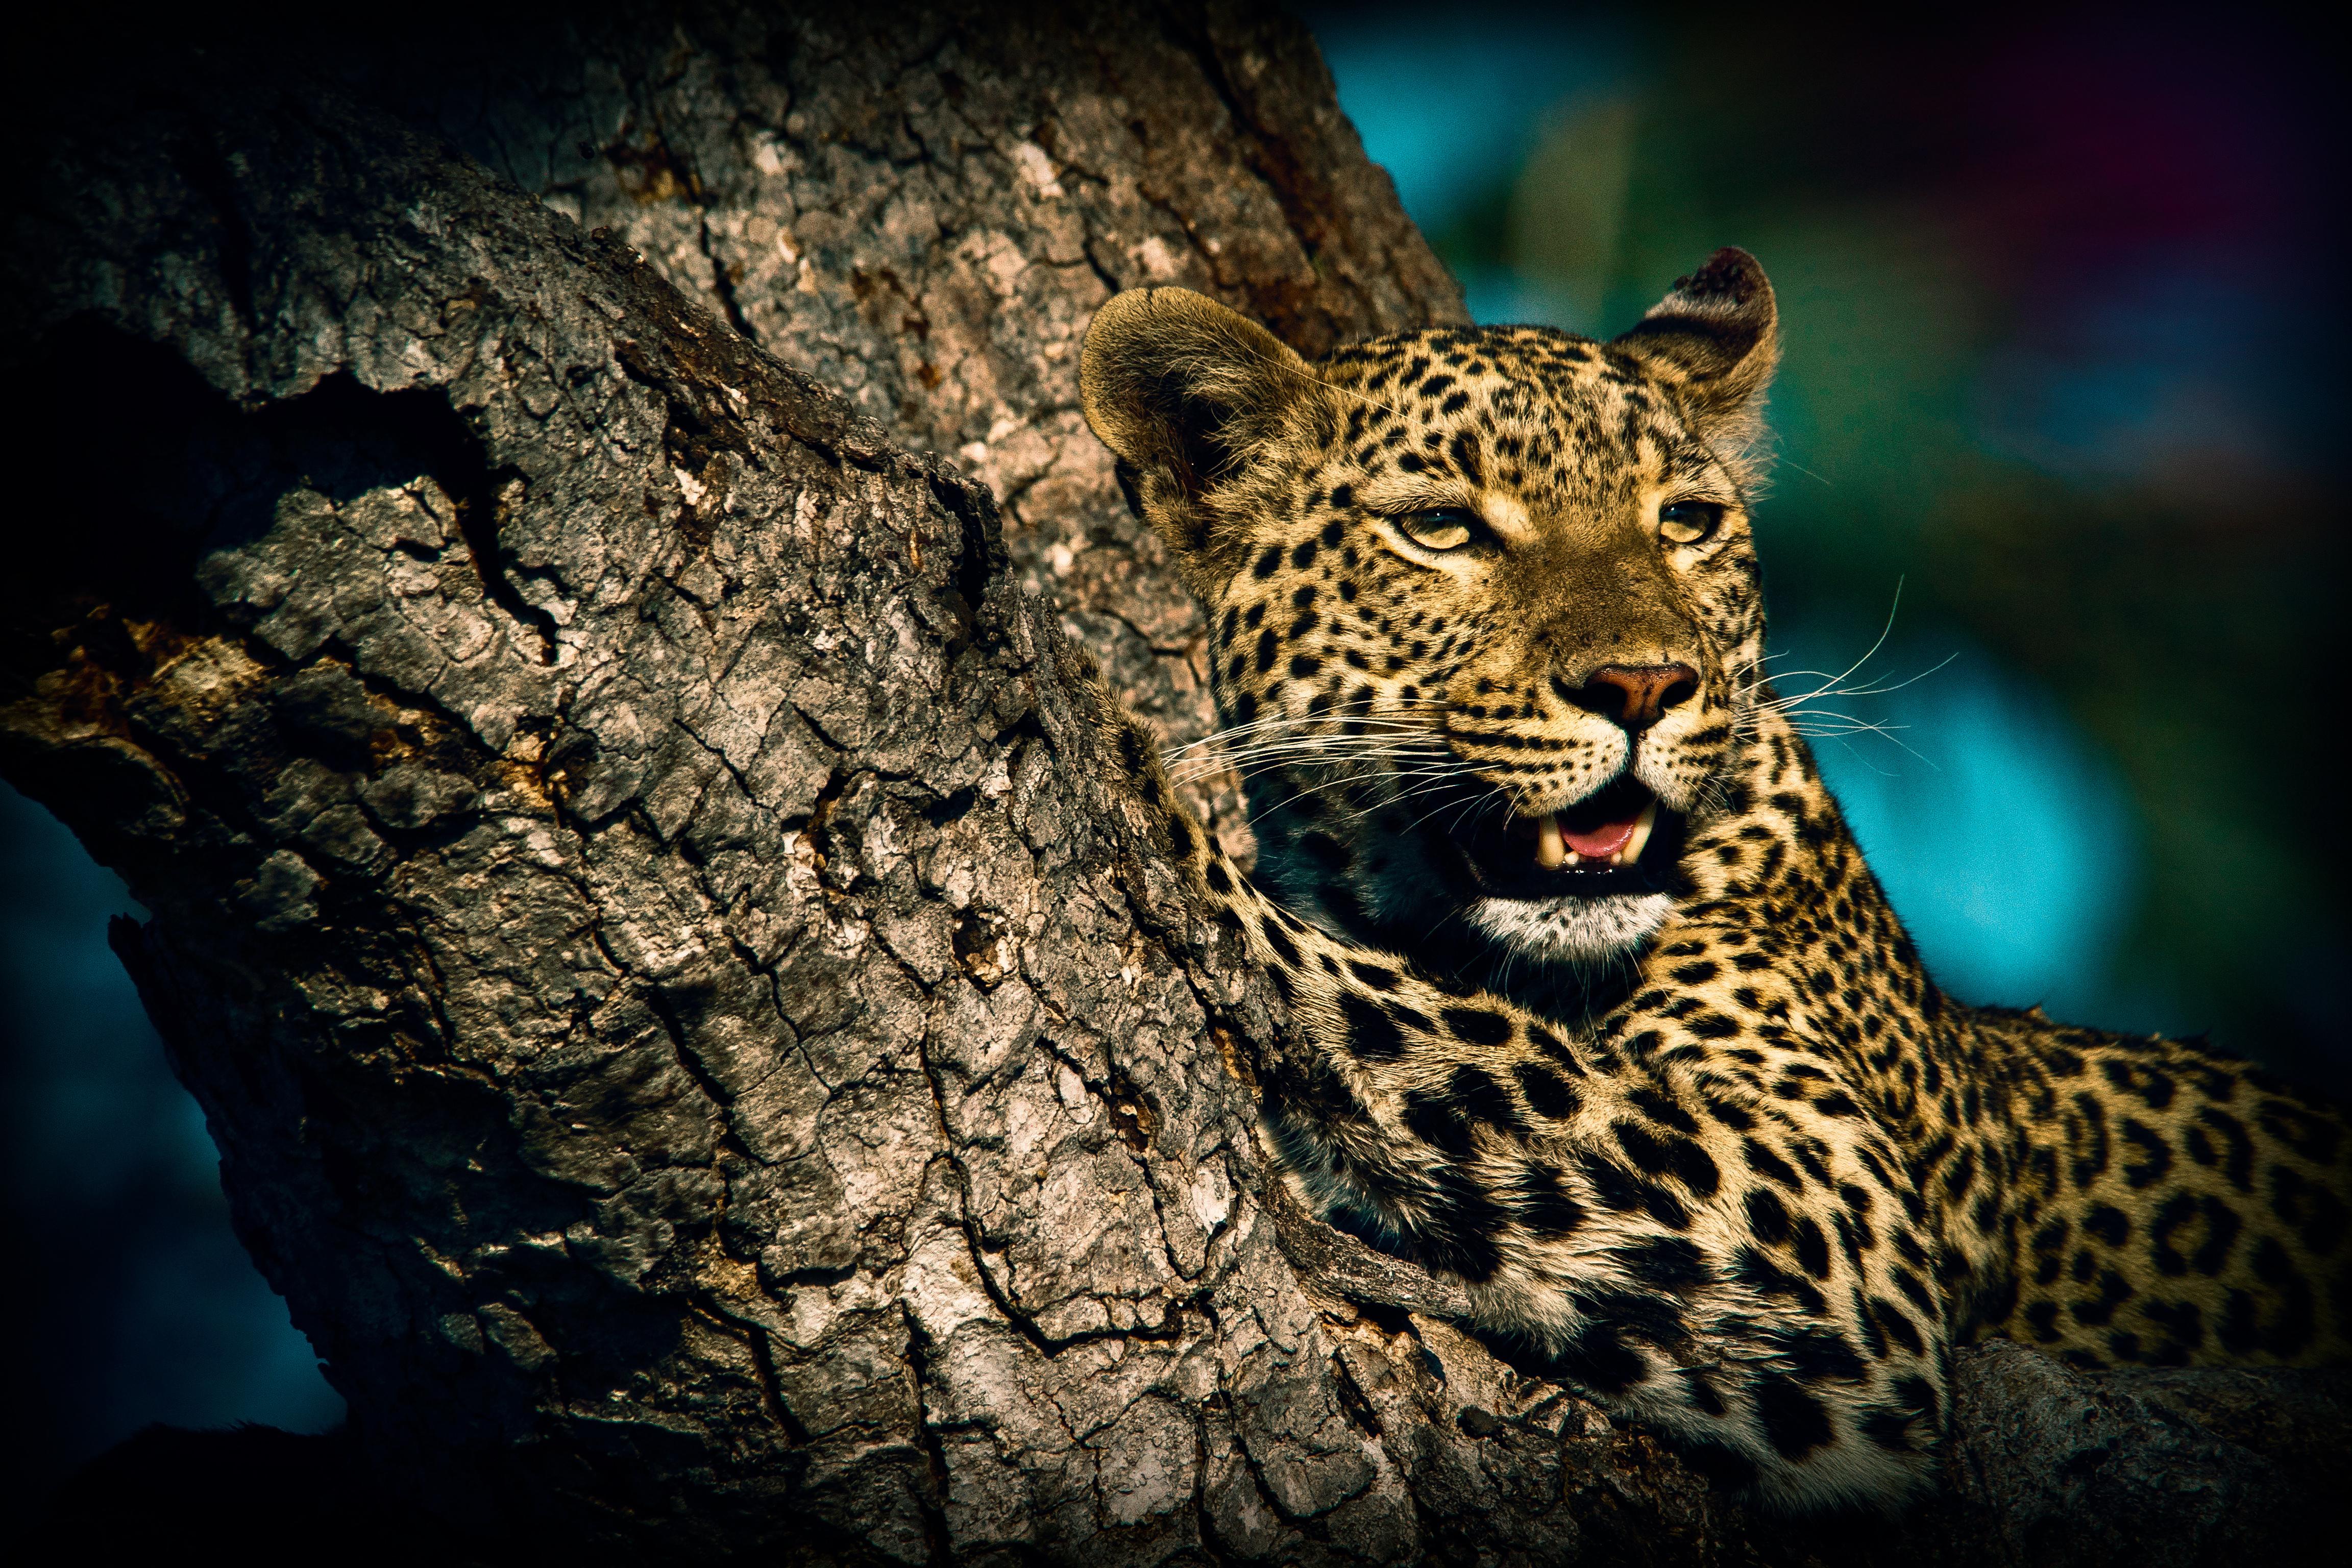 оригинальная леопард картинки на телефон леопард выращивания